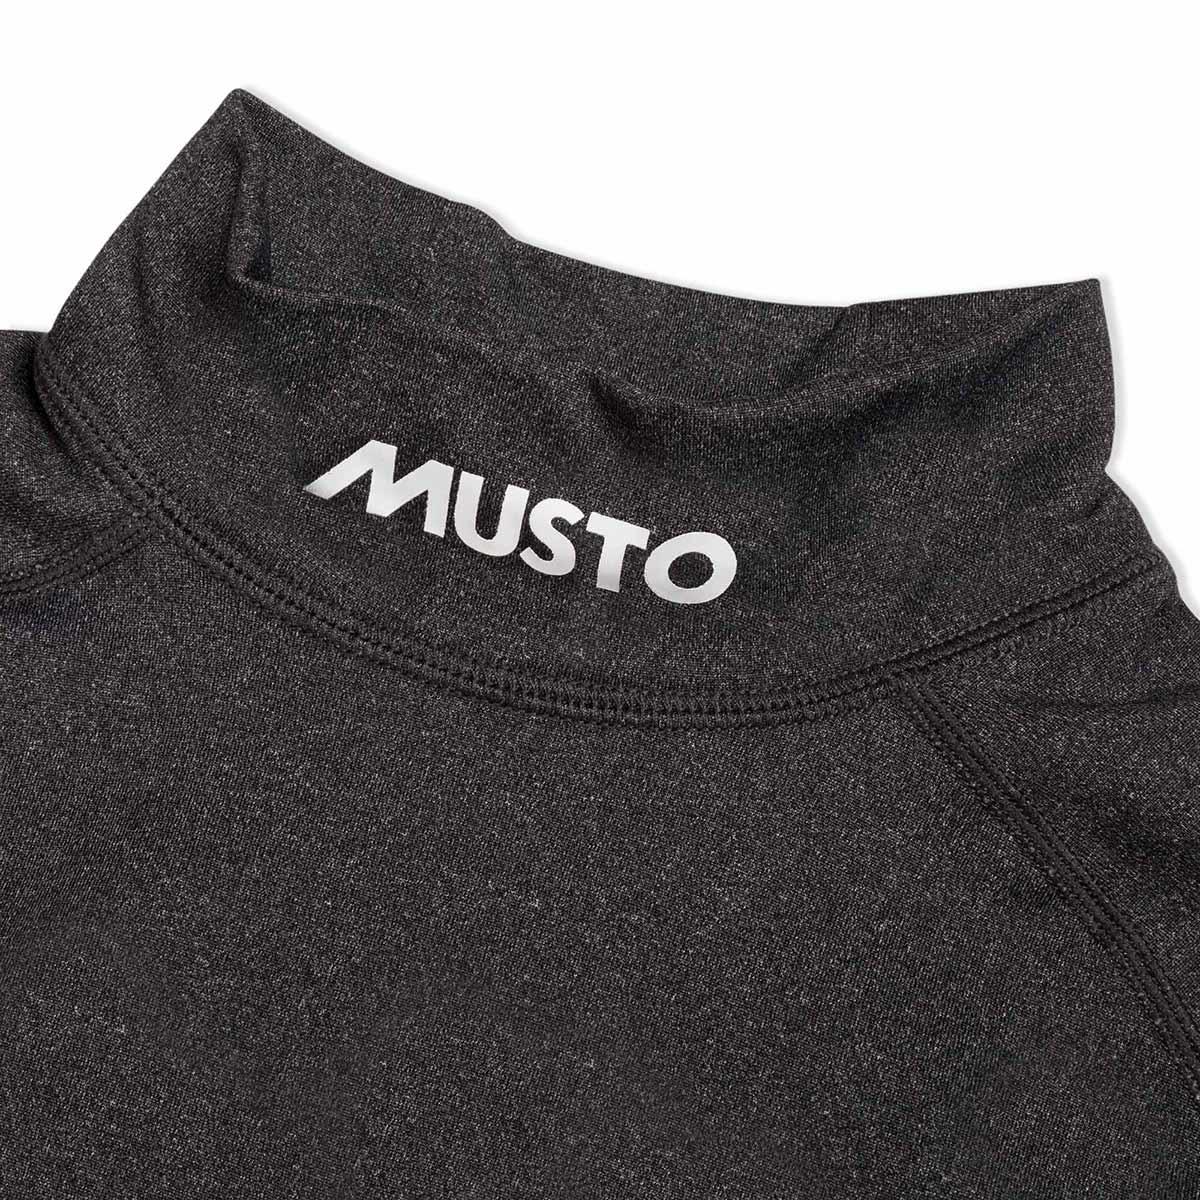 Musto Skin Wear hält trocken